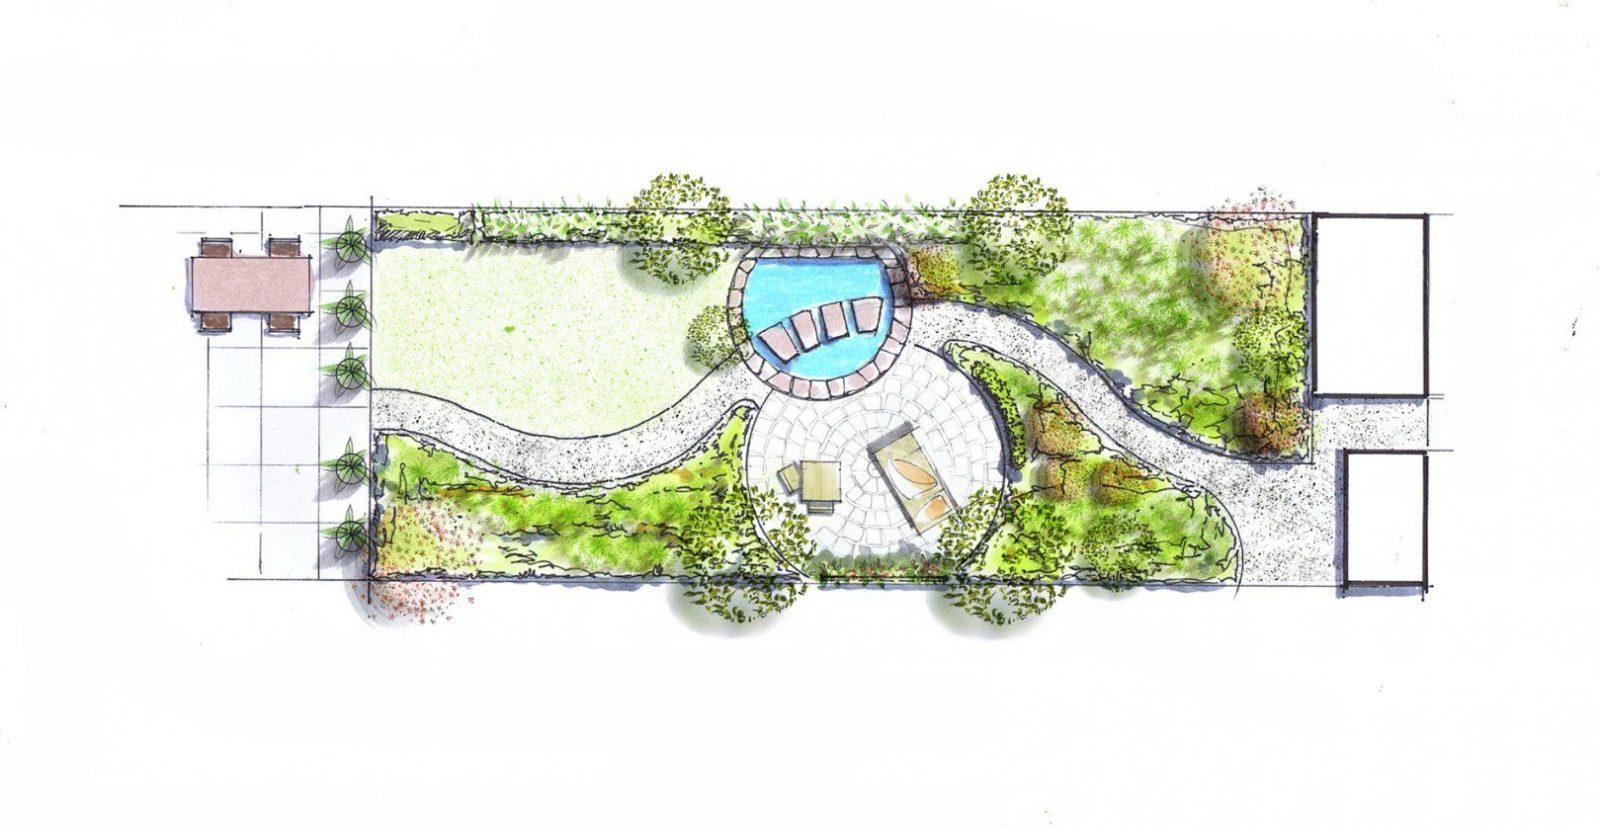 Kleine Gärten  Ideen Für Den Garten  Callwey Gartenbuch von Ideen Für Kleine Reihenhausgärten Bild